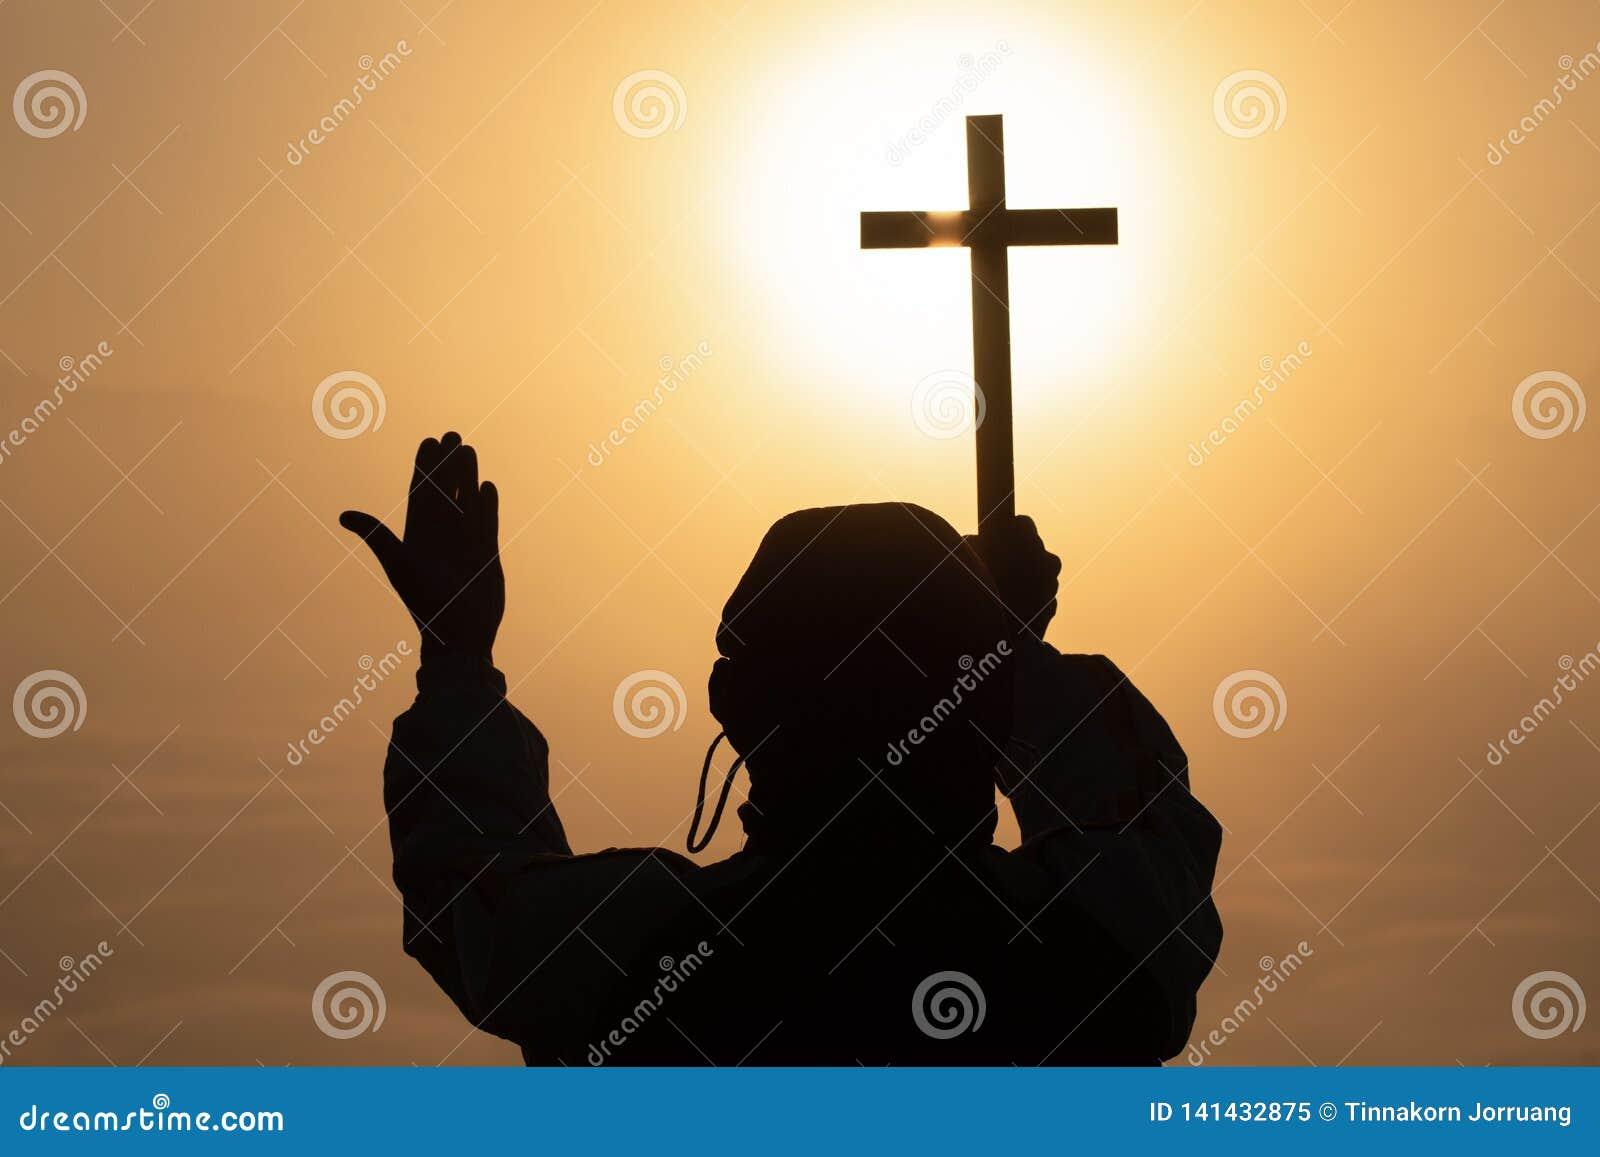 Schattenbild des christlichen Mannes ein Kreuz, Kreuz halten in den Händen, die für Segen vom Gott auf Sonnenlichthintergrund, Ho